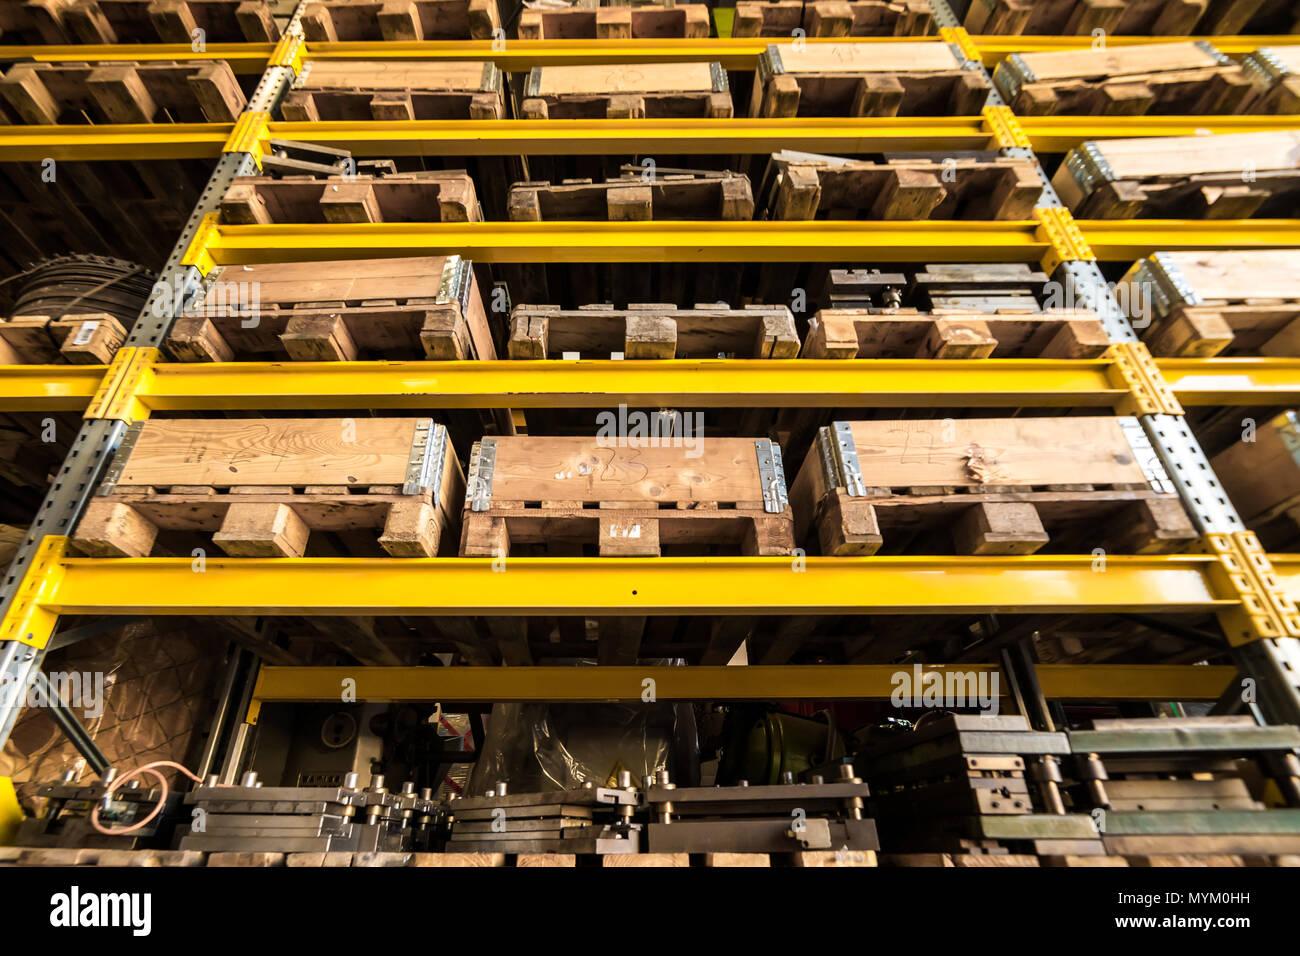 Warehouse Storage Shelf Mit Holzkisten Und Paletten Mit Schweren